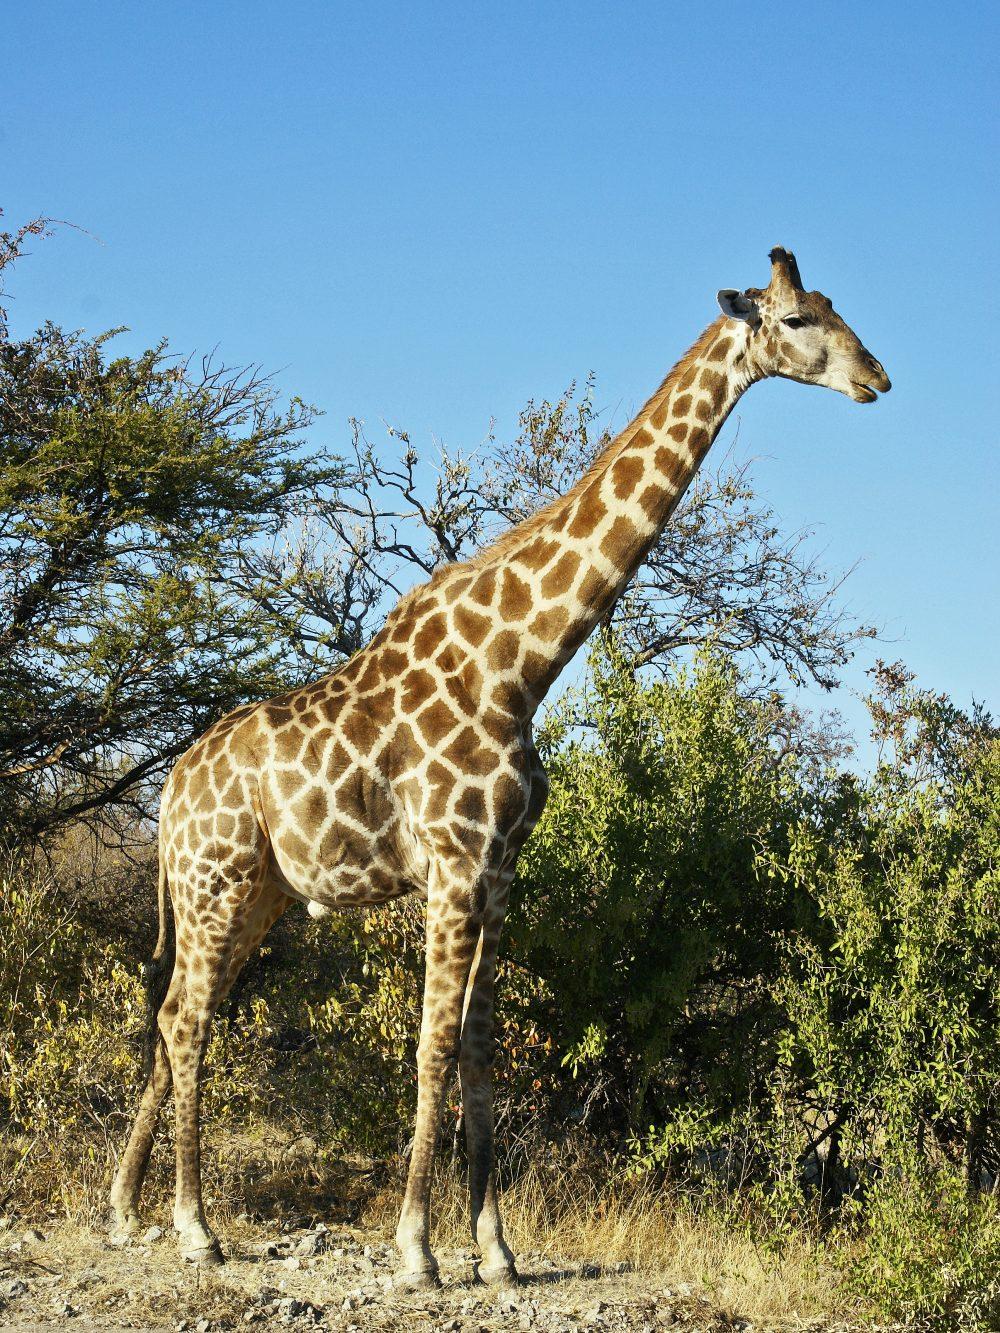 ¿Por qué los unicornios no existen pero las jirafas sí? Es mucho más creíble un caballo con un cuerno en la cabeza que un leopardo-alce con un cuello de 12 metros